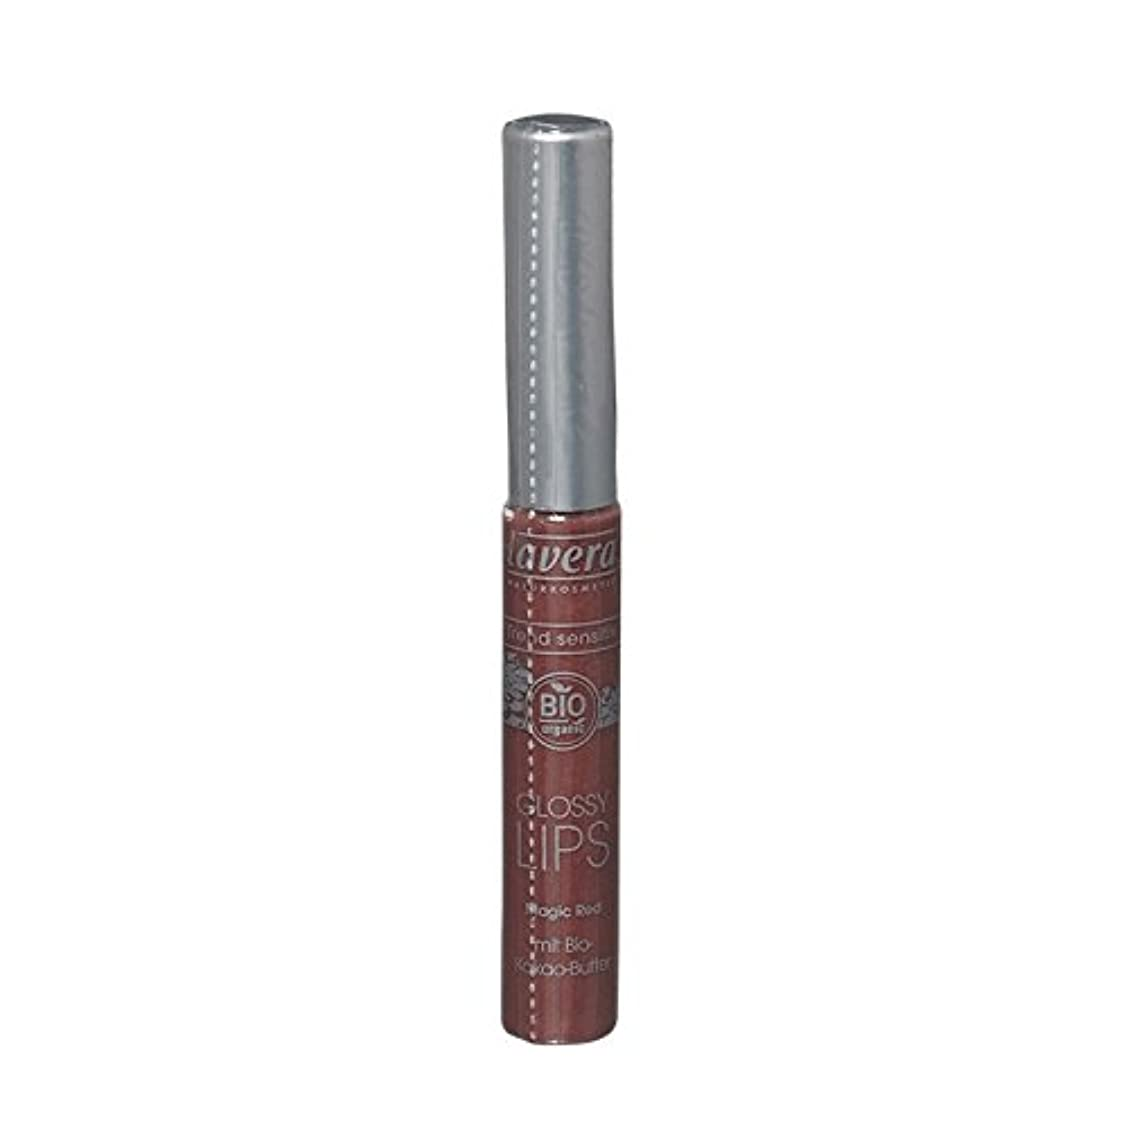 不良品角度ピアノLavera傾向Sensitiv光沢のある唇03魔法の赤 - Lavera Trend Sensitiv Glossy Lips 03 Magic Red (Lavera) [並行輸入品]